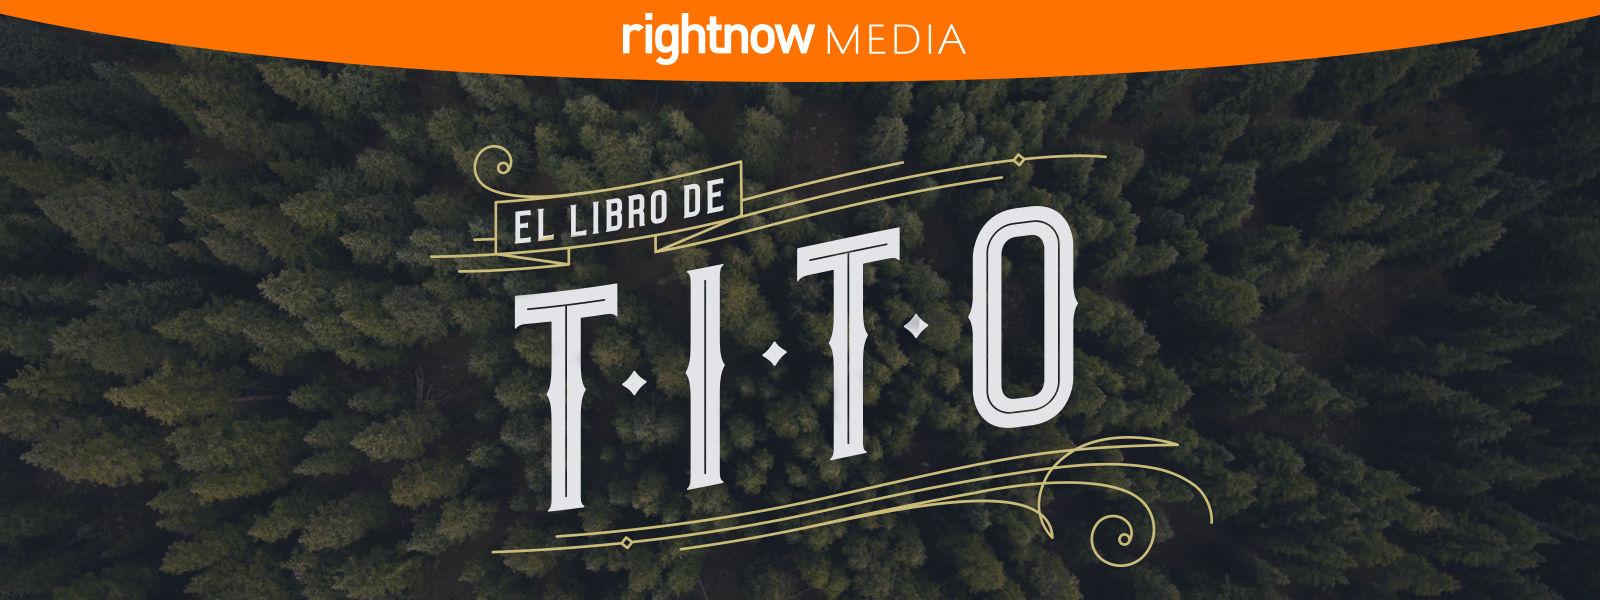 El Libro de Tito